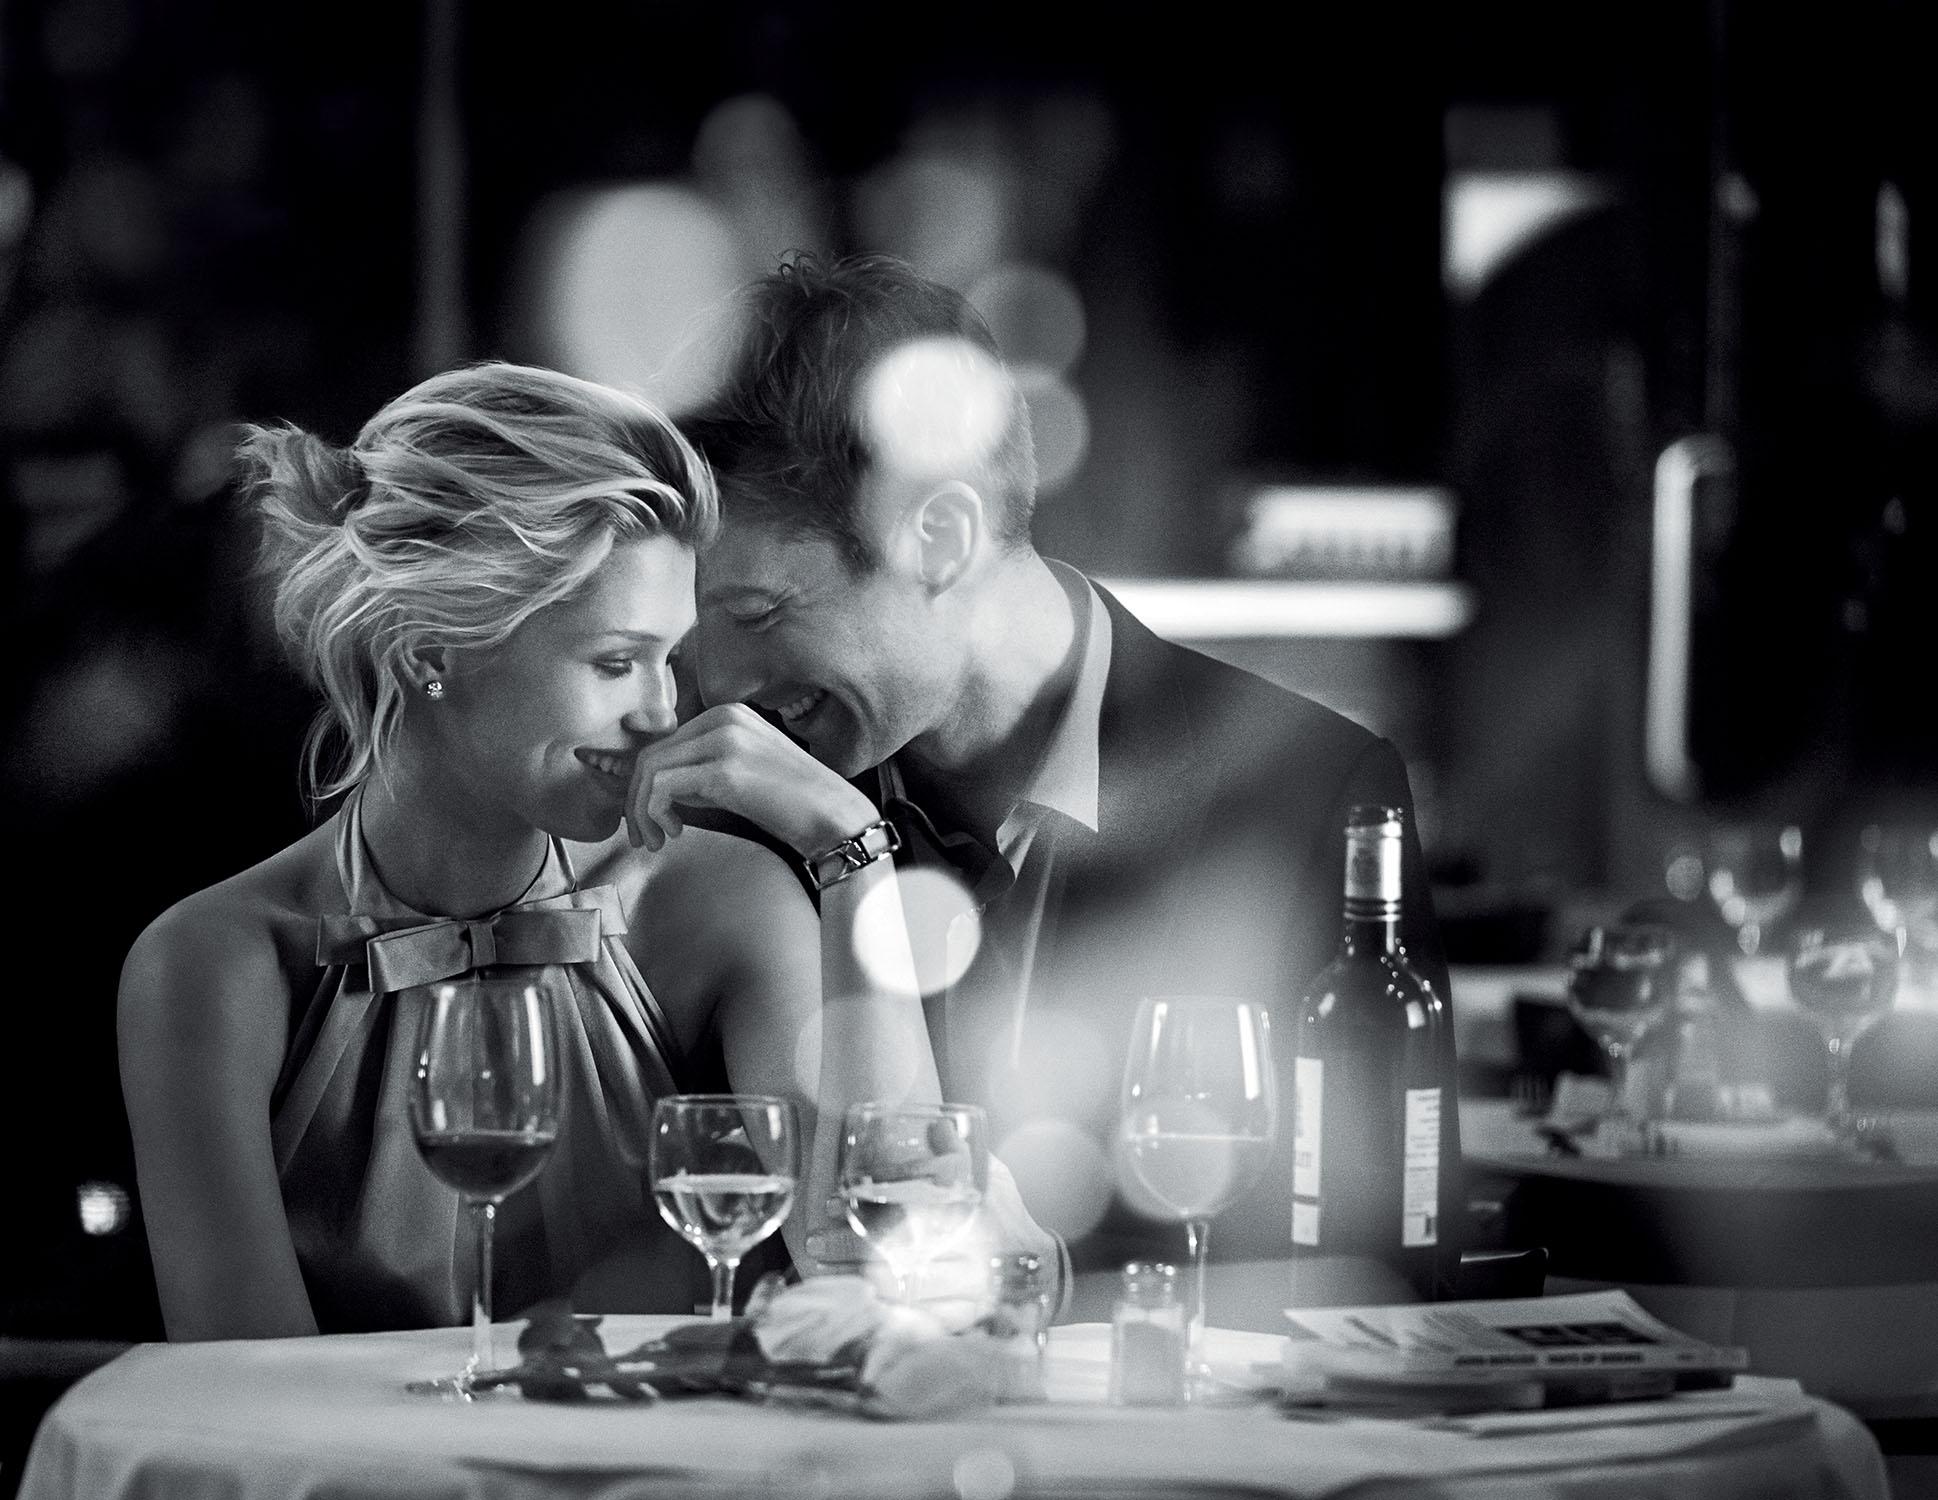 La campagne de publicité pour la marque de bijoux Tiffany & Co, pour la gamme de bijoux Will You? Photos réalisée par Peter Lindbergh.